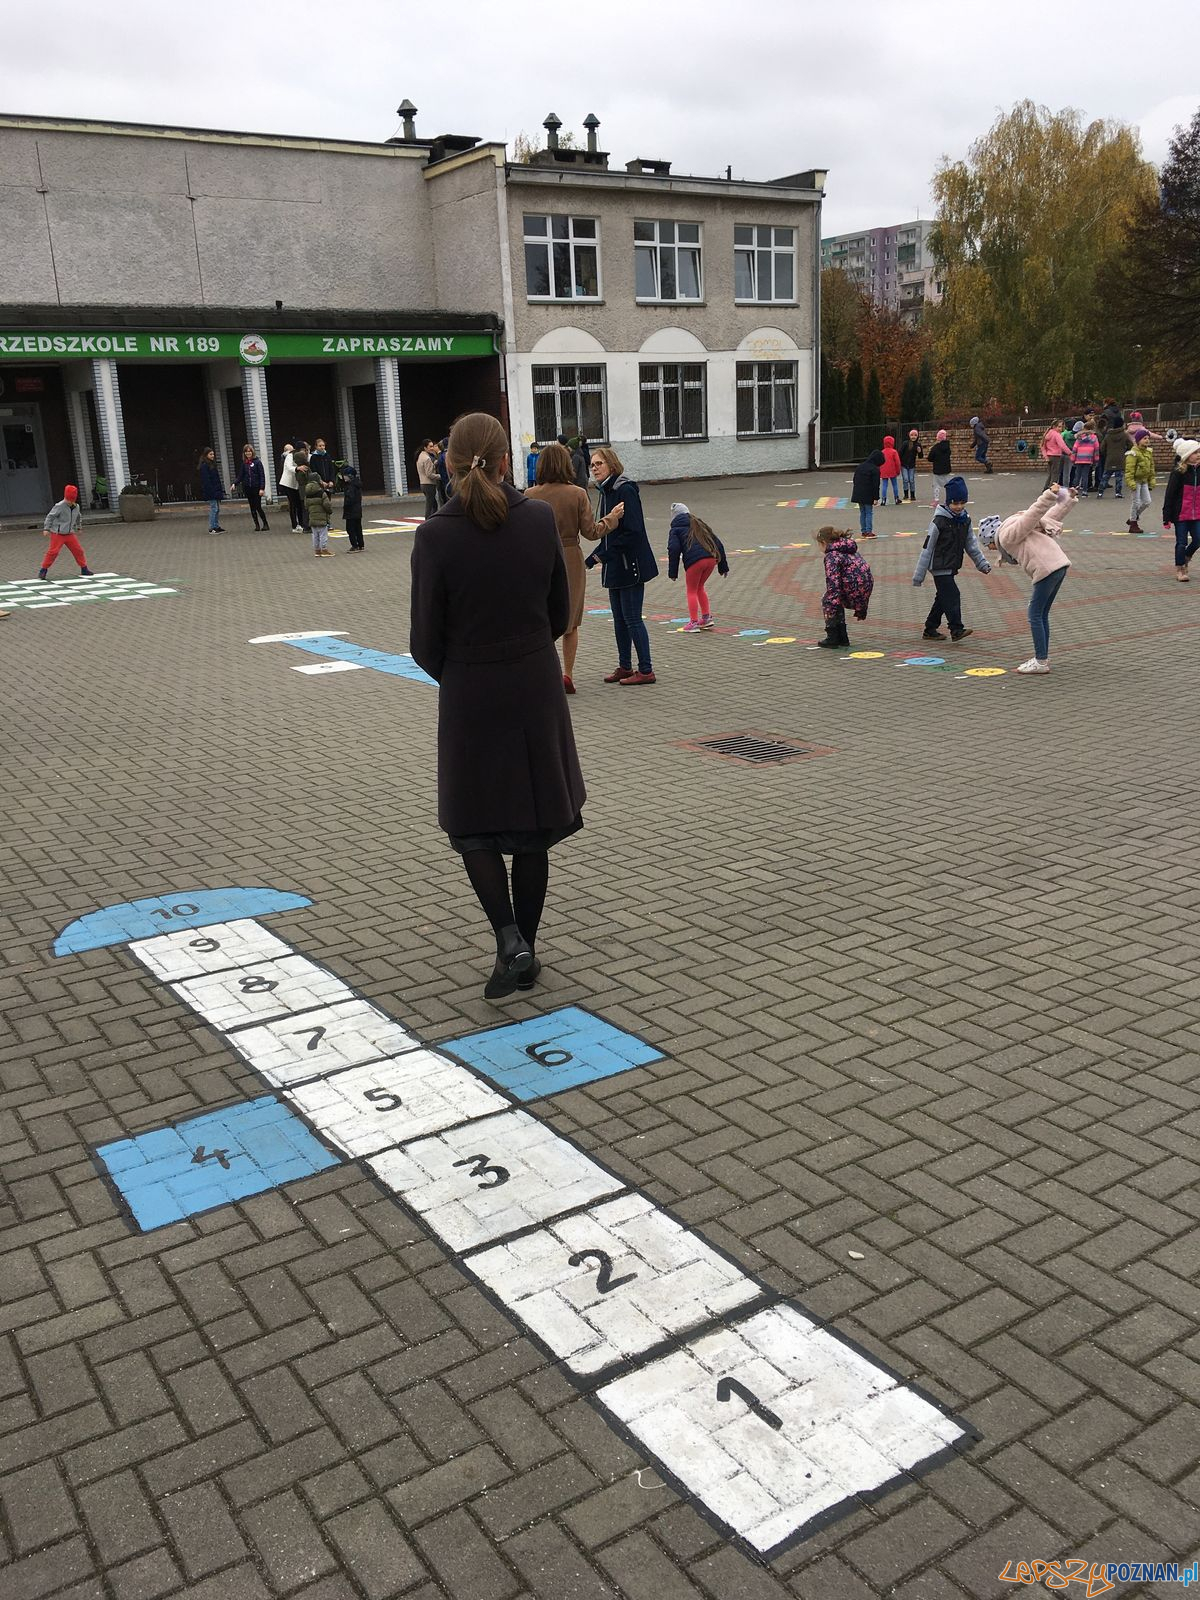 Piatkowo - plac zabaw dla dzieci (1)  Foto: Jacek Tomaszewski